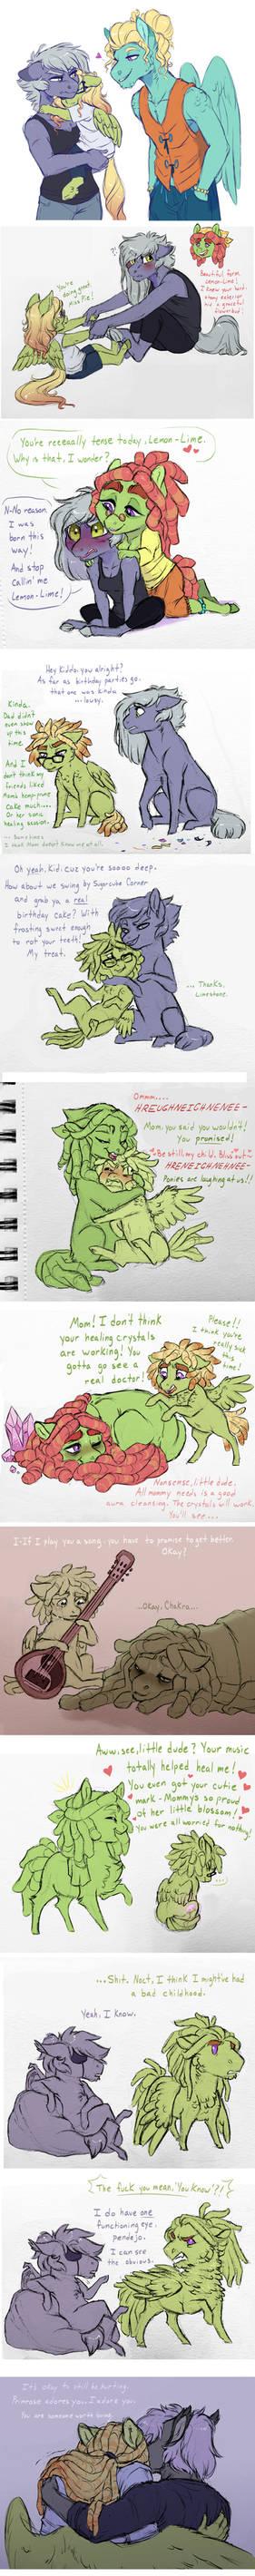 Doodle Dump: Healing